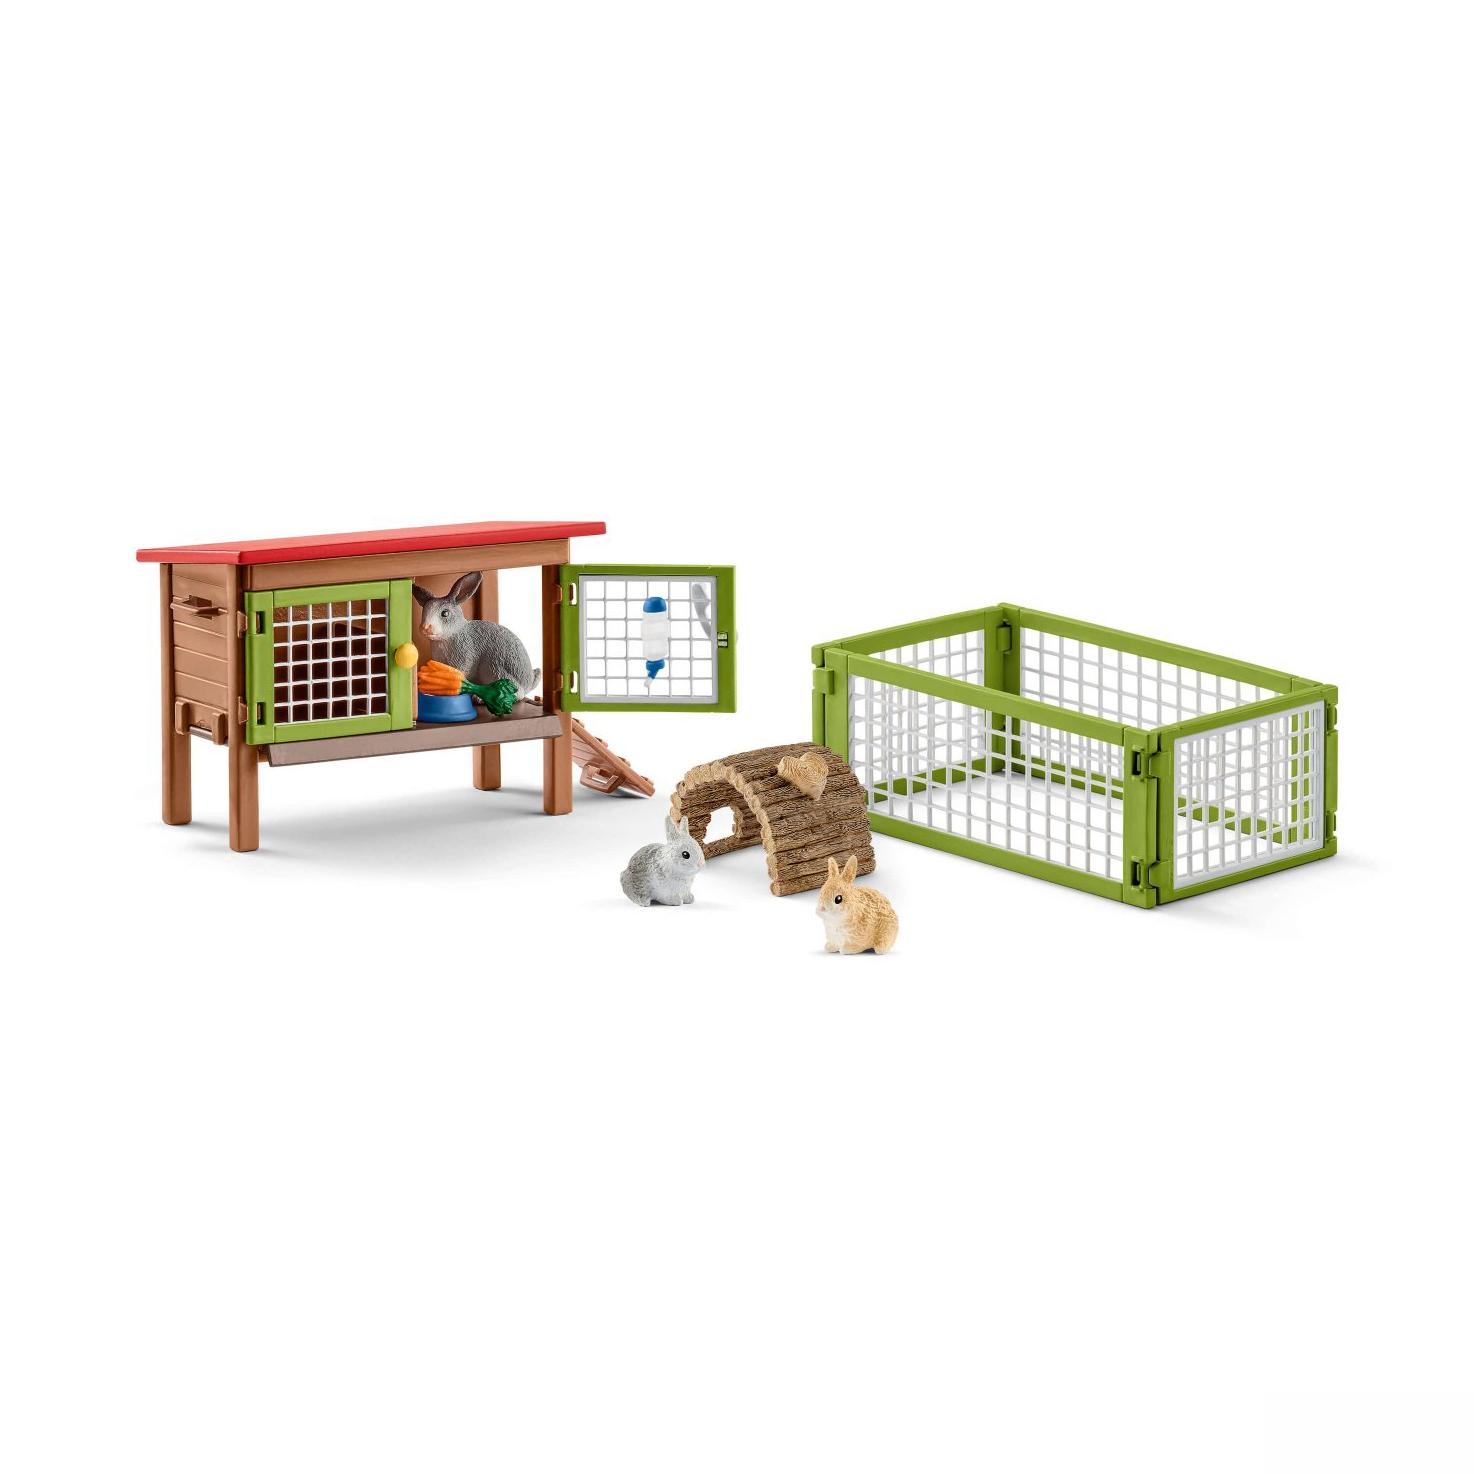 Купить Игровой набор - Клетка для кроликов, Schleich